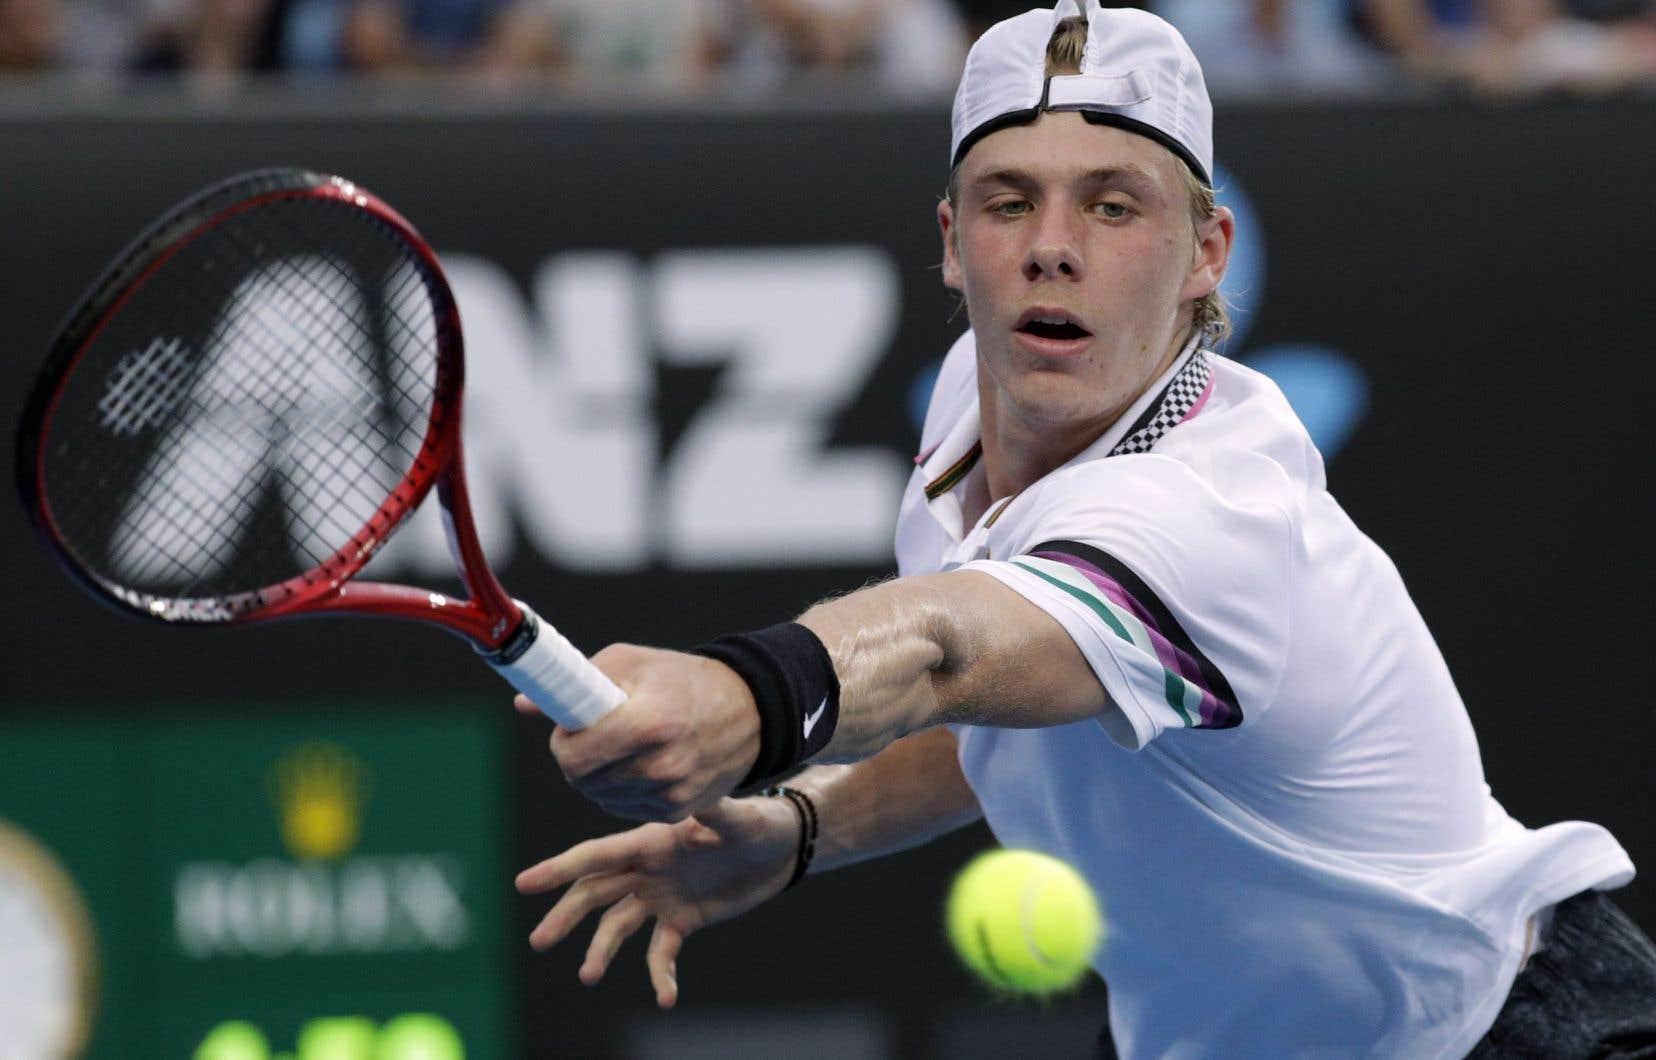 Âgé de 19ans, Shapovalov occupe le 25erang du classement de l'ATP, le plus haut pour un joueur de moins de 20ans.